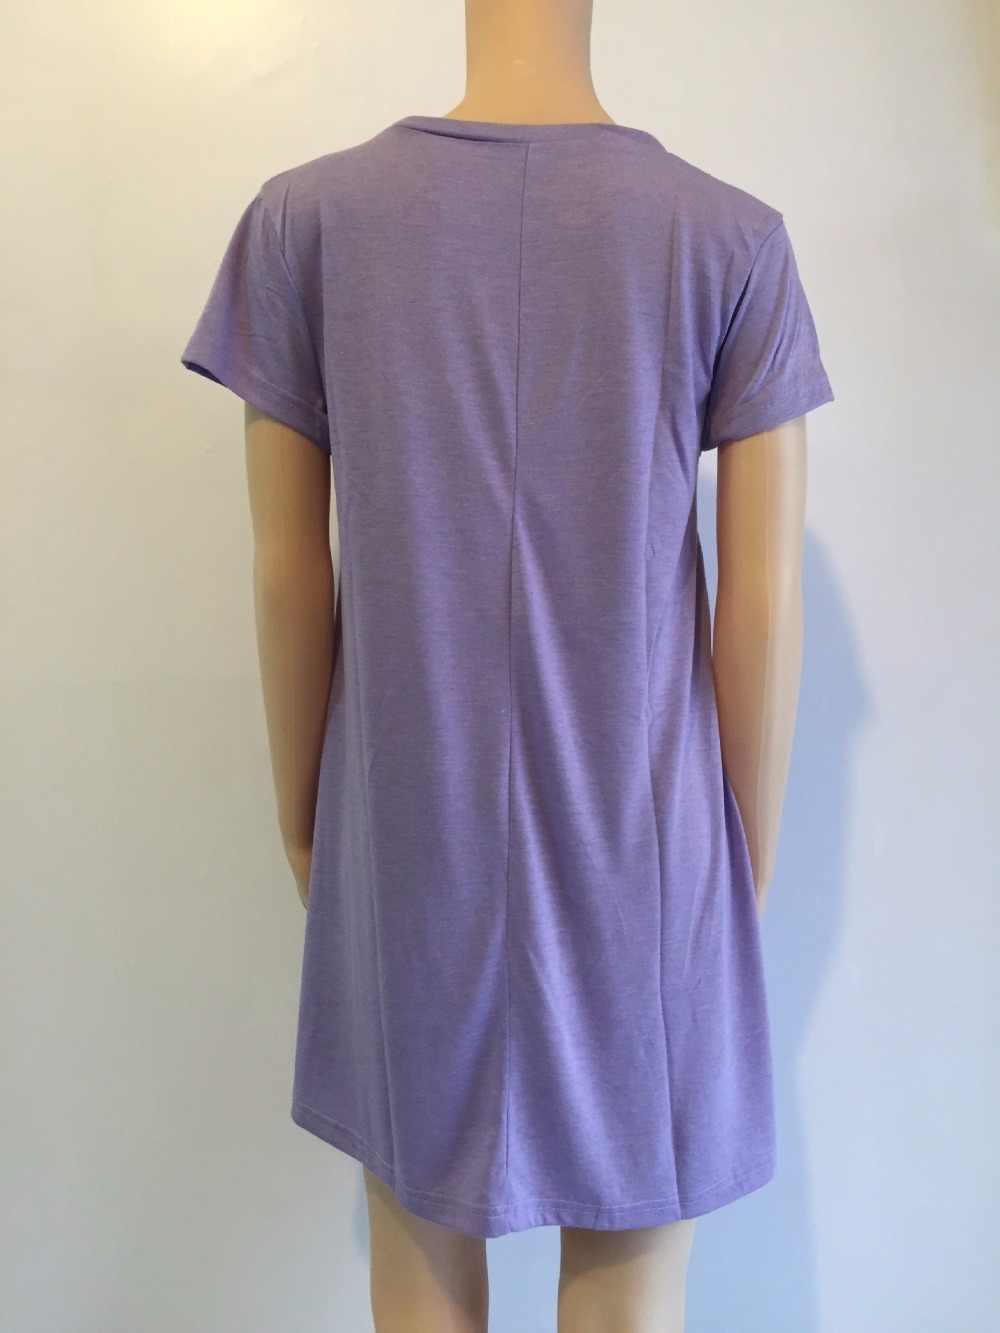 Европа-Америка новые летние Для женщин рубашка модные удобные с короткими рукавами/с длинными рукавами и круглым вырезом шить кружева футболка CH061